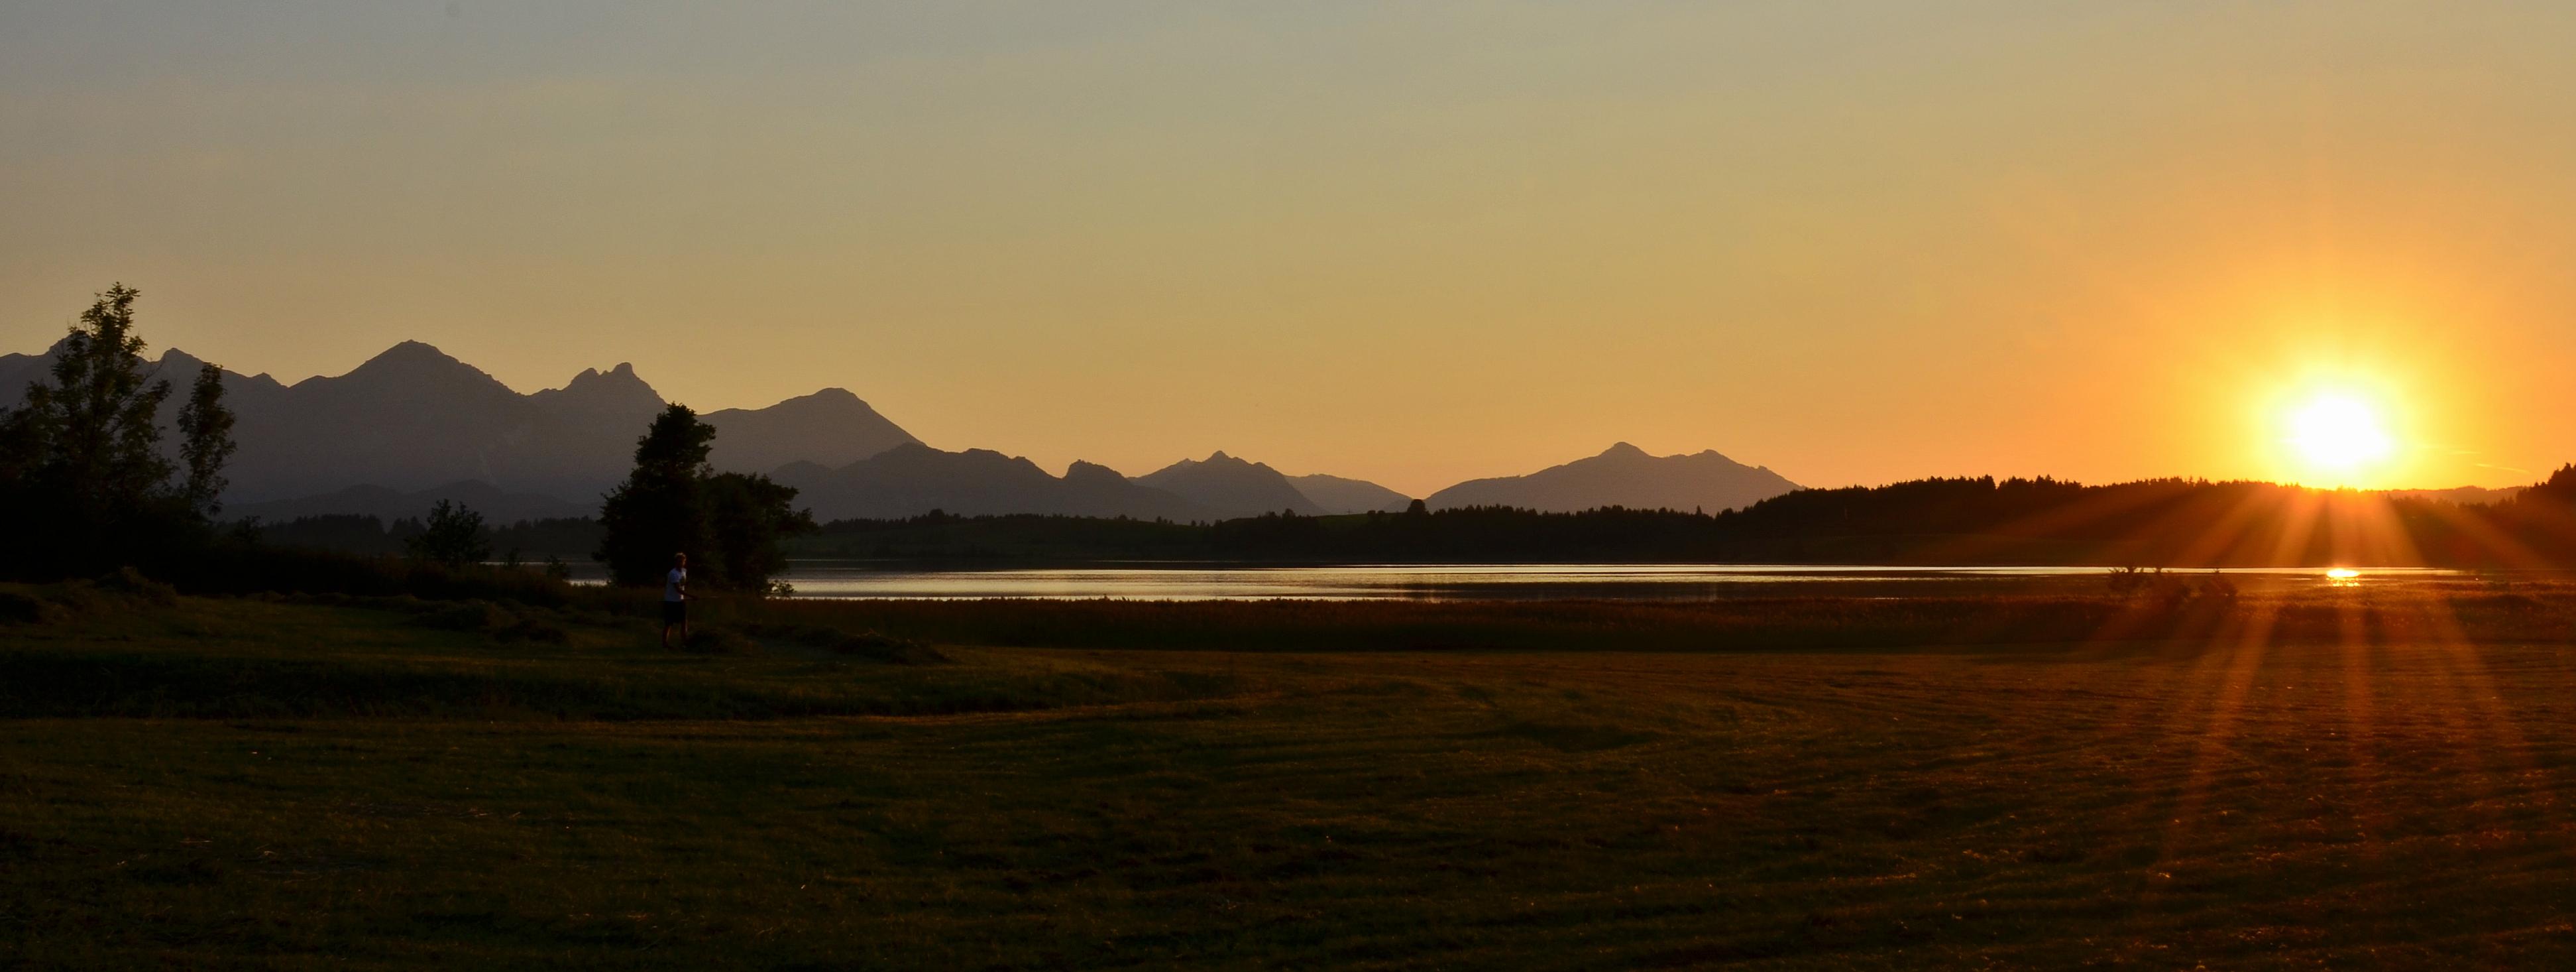 G0194 Sonnenuntergang am Bannwaldsee Buching.jpg